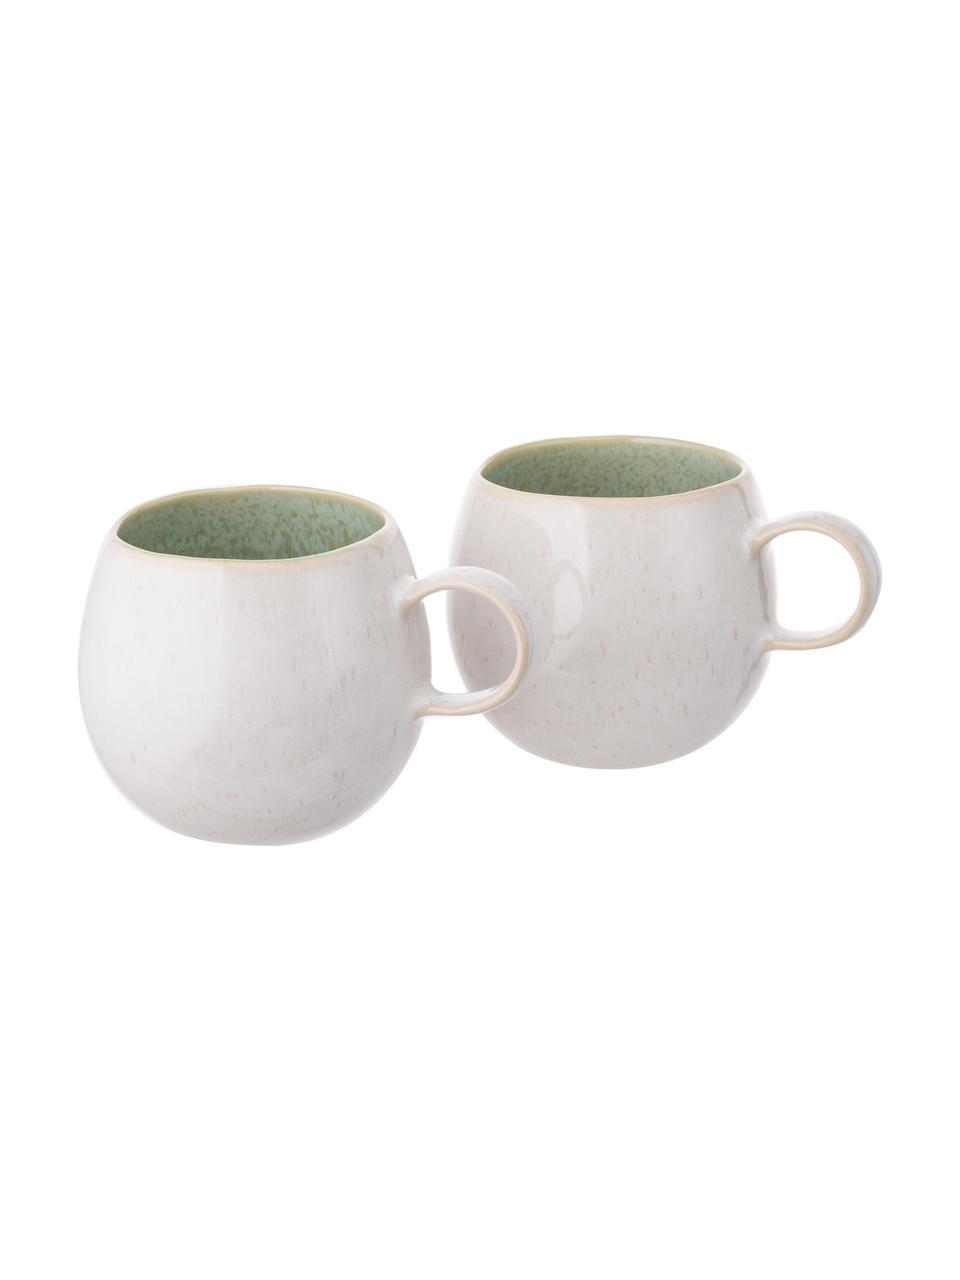 Ręcznie malowana filiżanka do herbaty Areia, 2 szt., Kamionka, Miętowy, złamana biel, beżowy, Ø 9 x W 10 cm